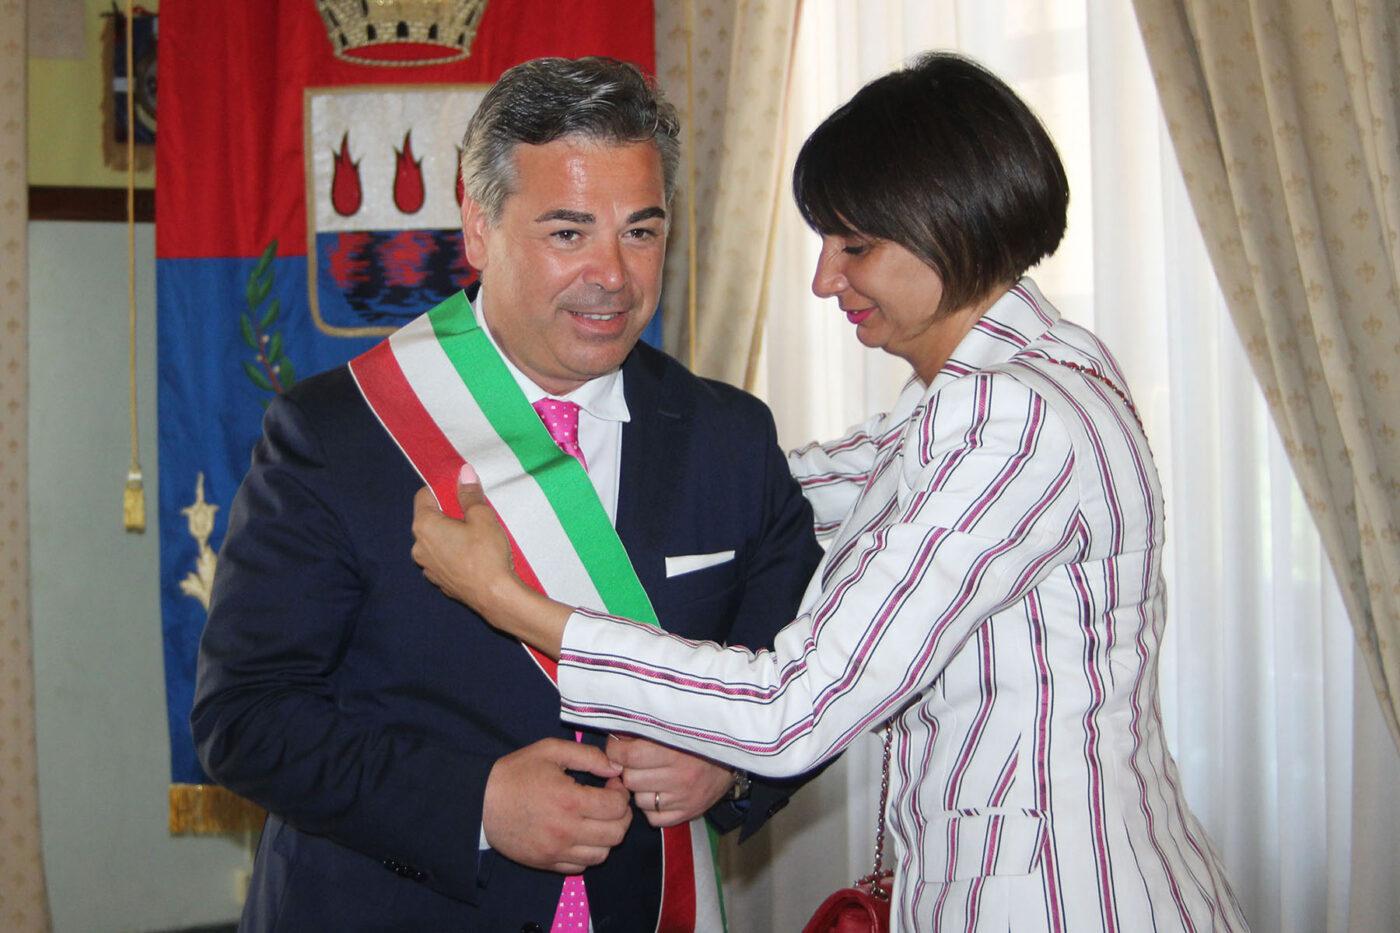 Corruzione, Franco Landella agli arresti domiciliari - TGR Puglia